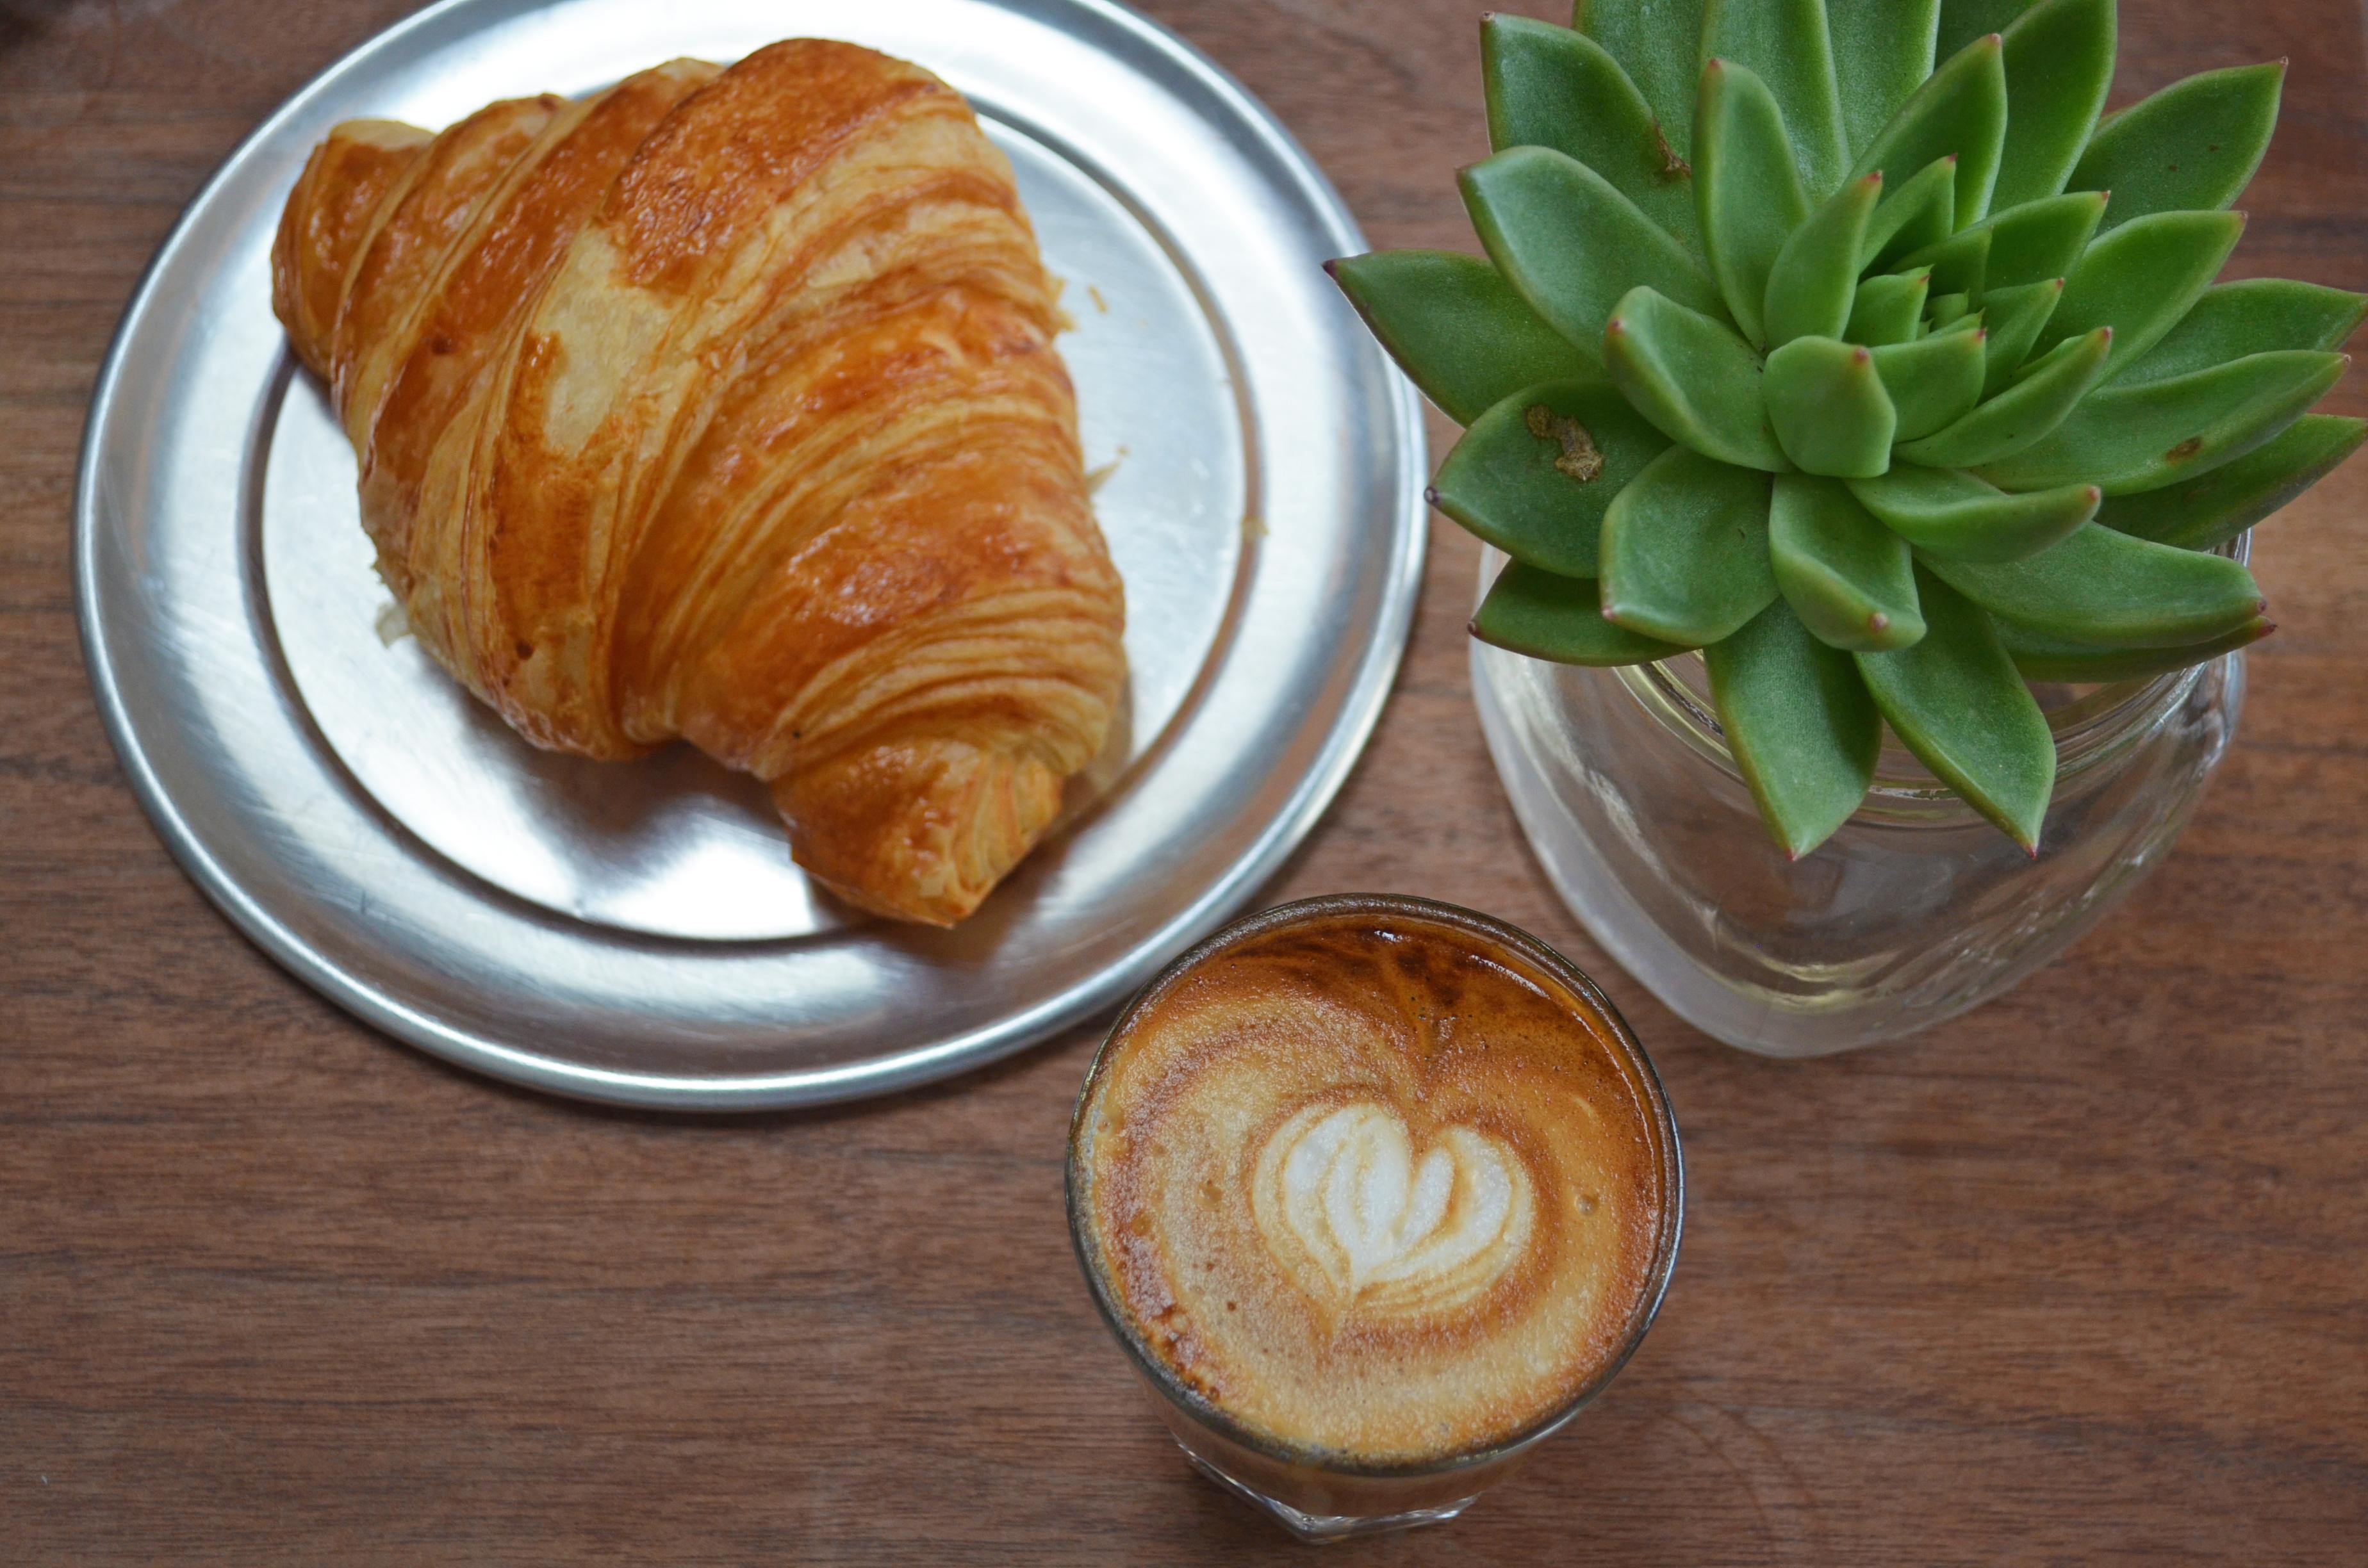 Courtney Scott Bushwick AP Cafe Croissant and succulent